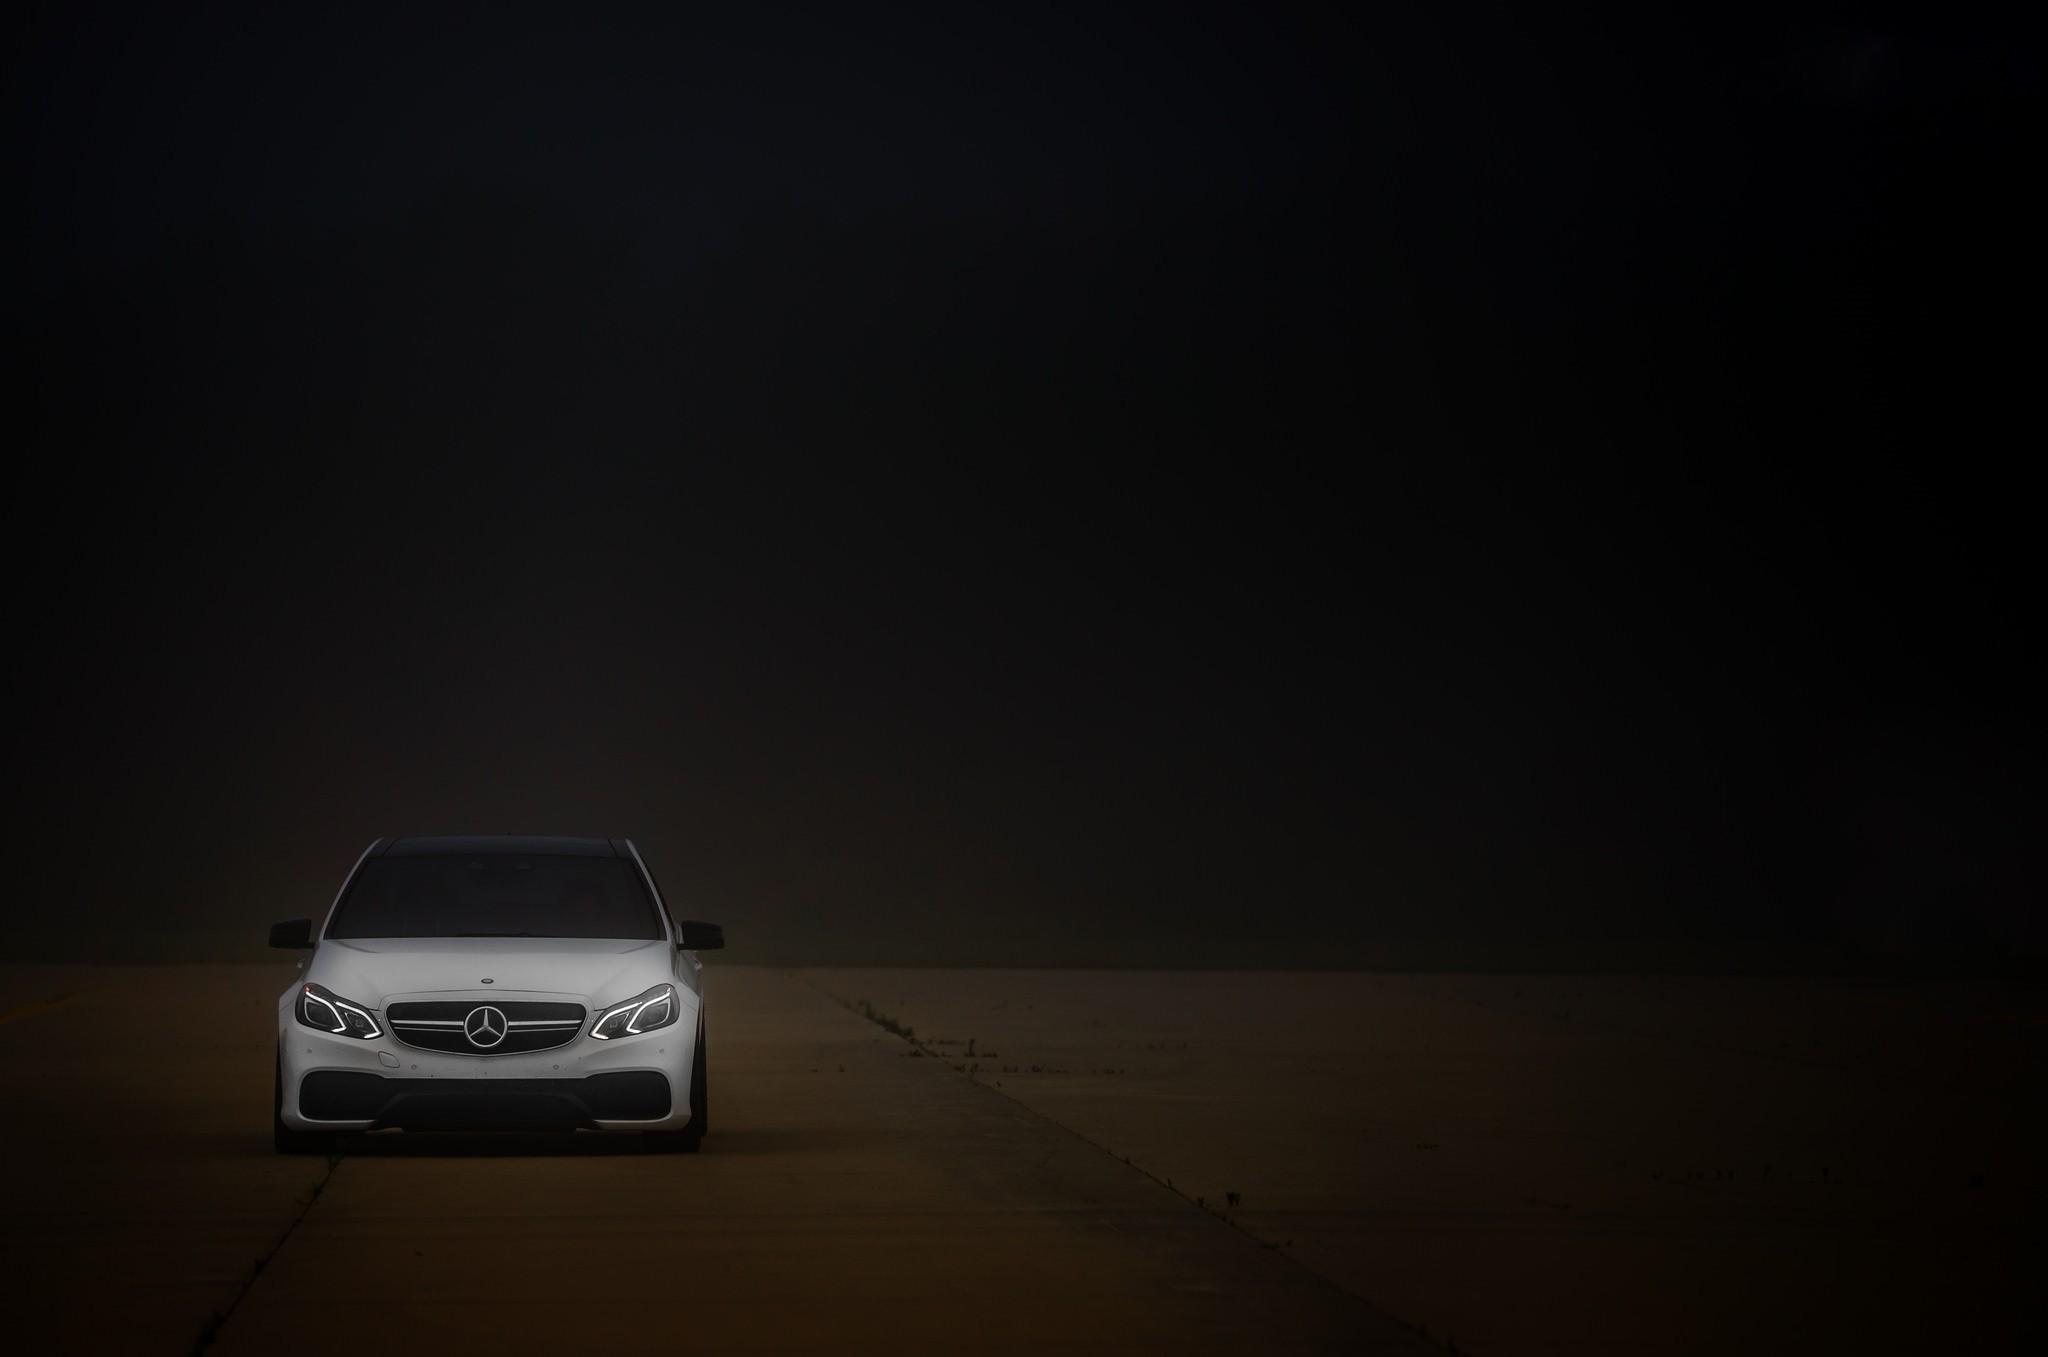 Fond D Ecran Monochrome Nuit Voiture Vehicule Mercedes Benz